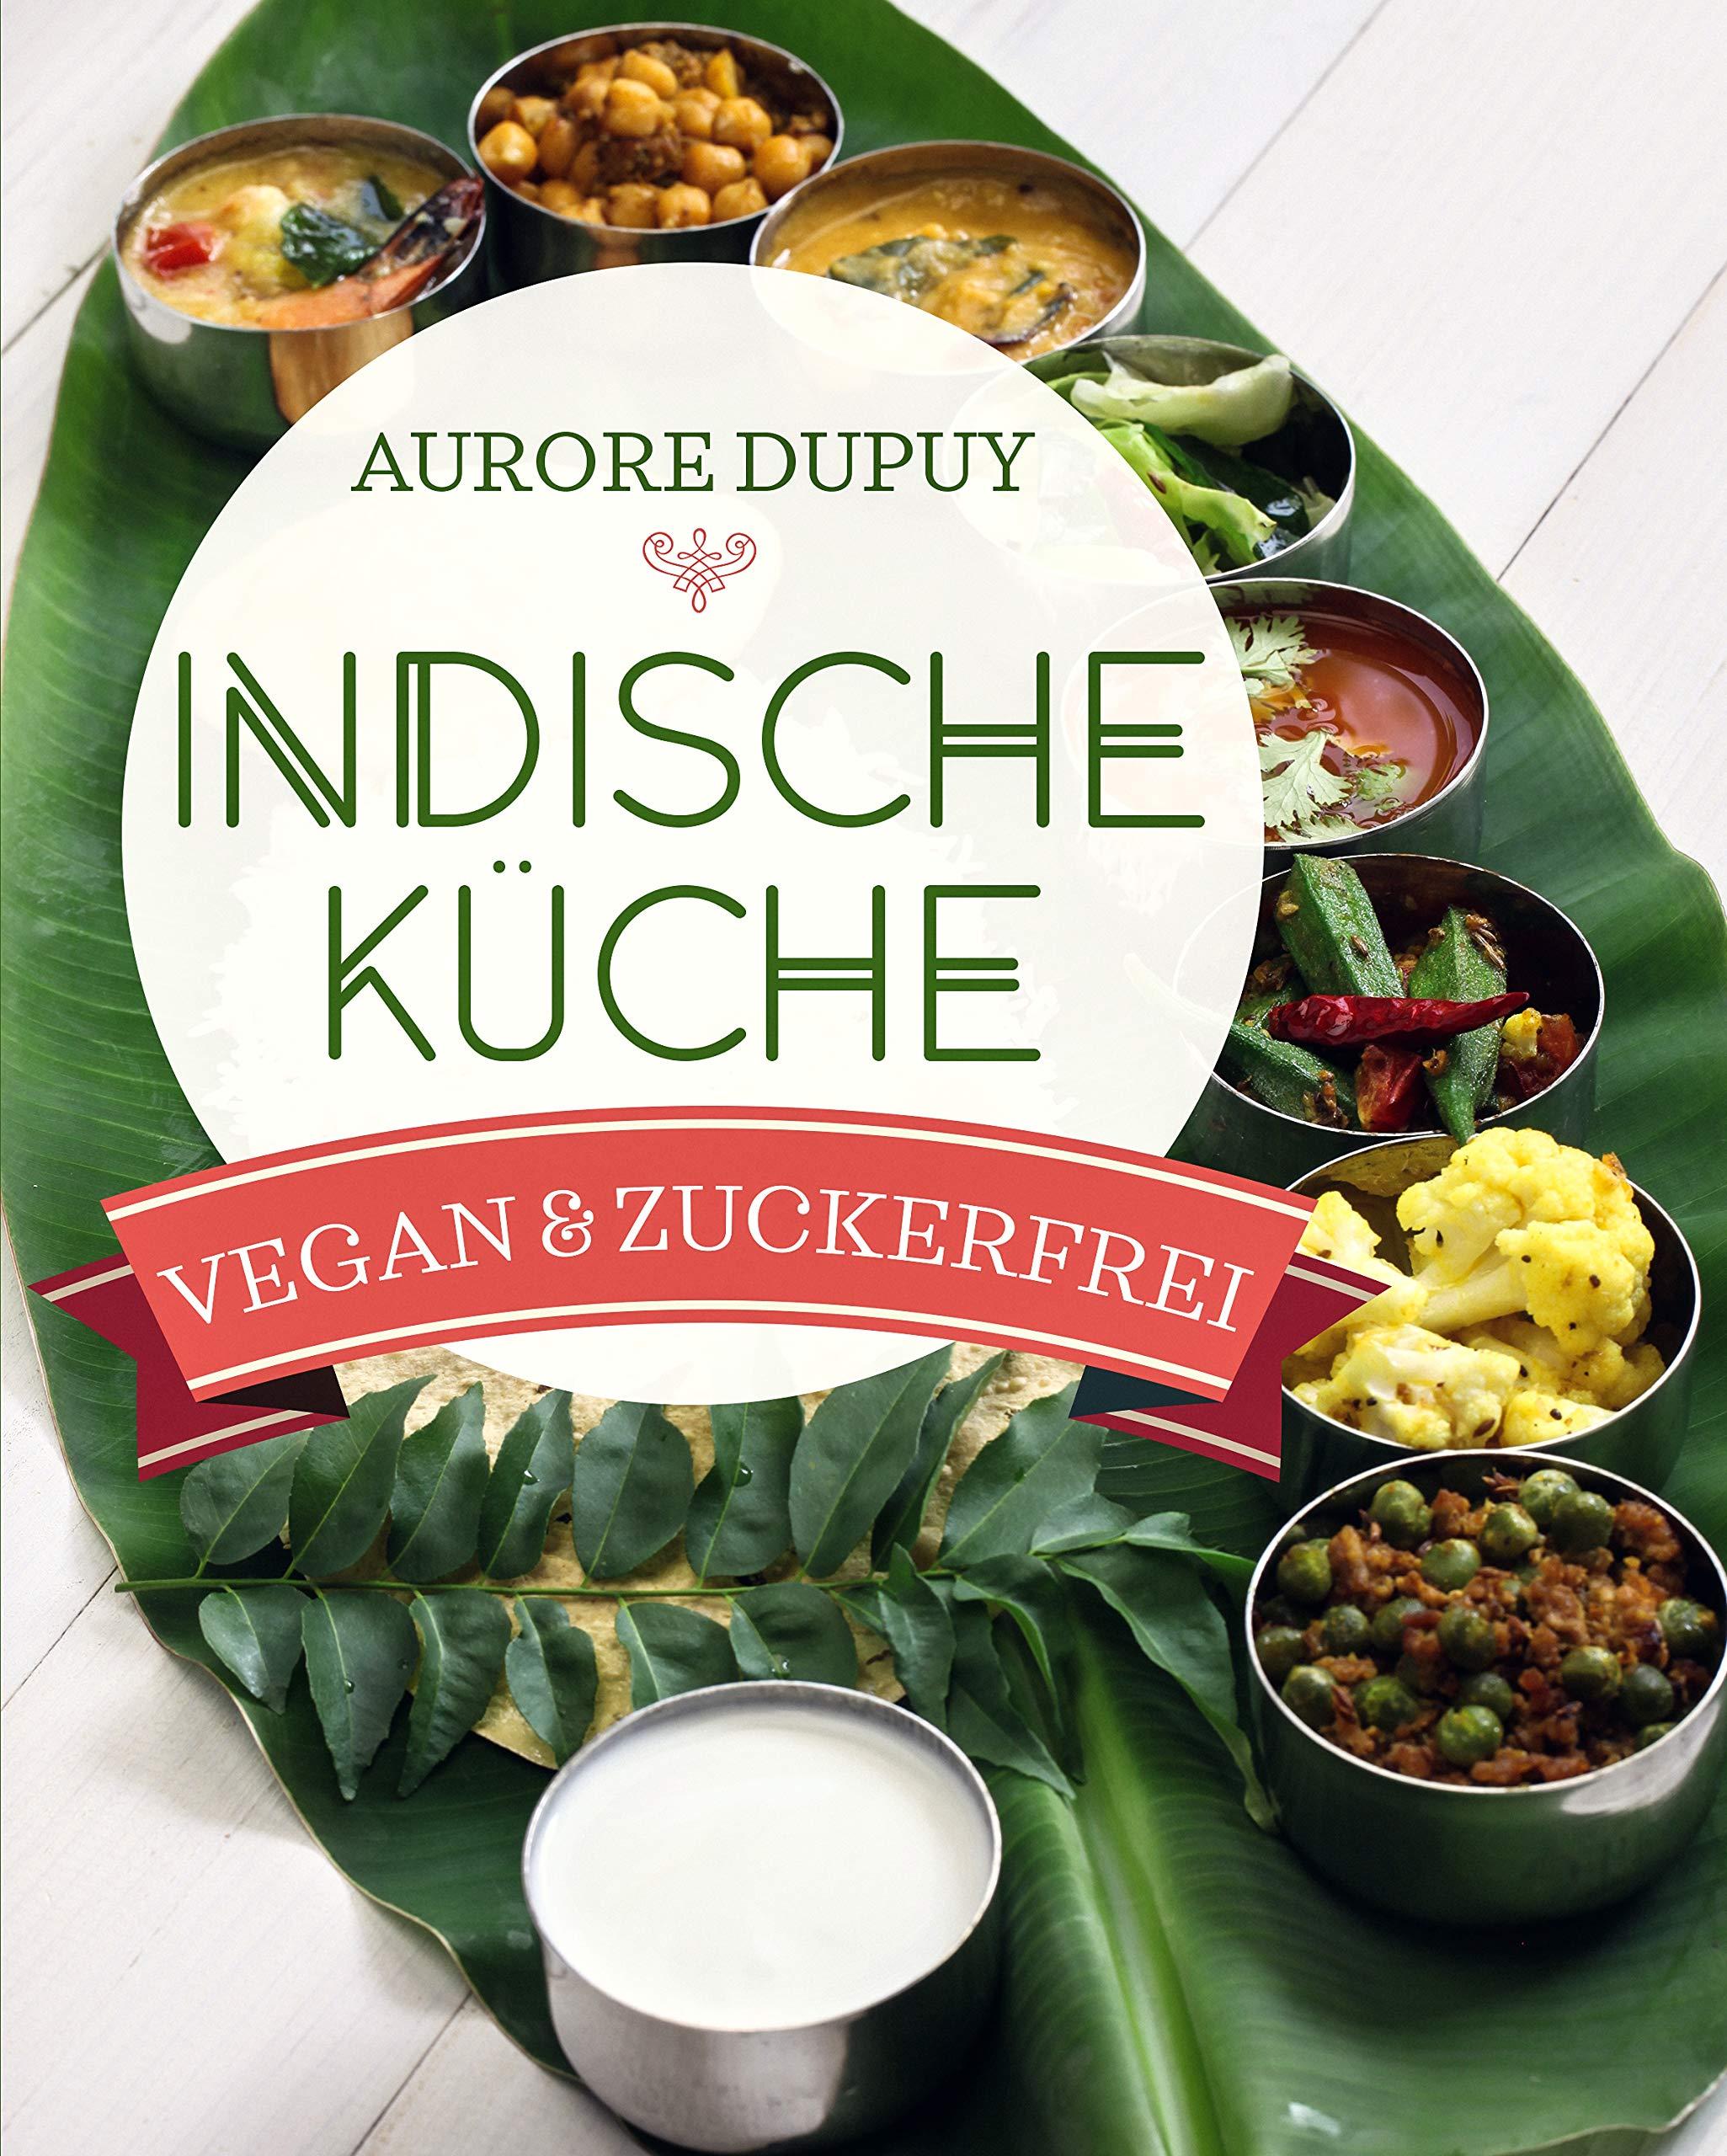 Indische Küche Vegan And Zuckerfrei   Ayurveda Und Traditionell Indisch Kochen  Für Mehr Ausgeglichenheit Ob Yogi Oder Nicht   Für Vegetarier Und Veganer